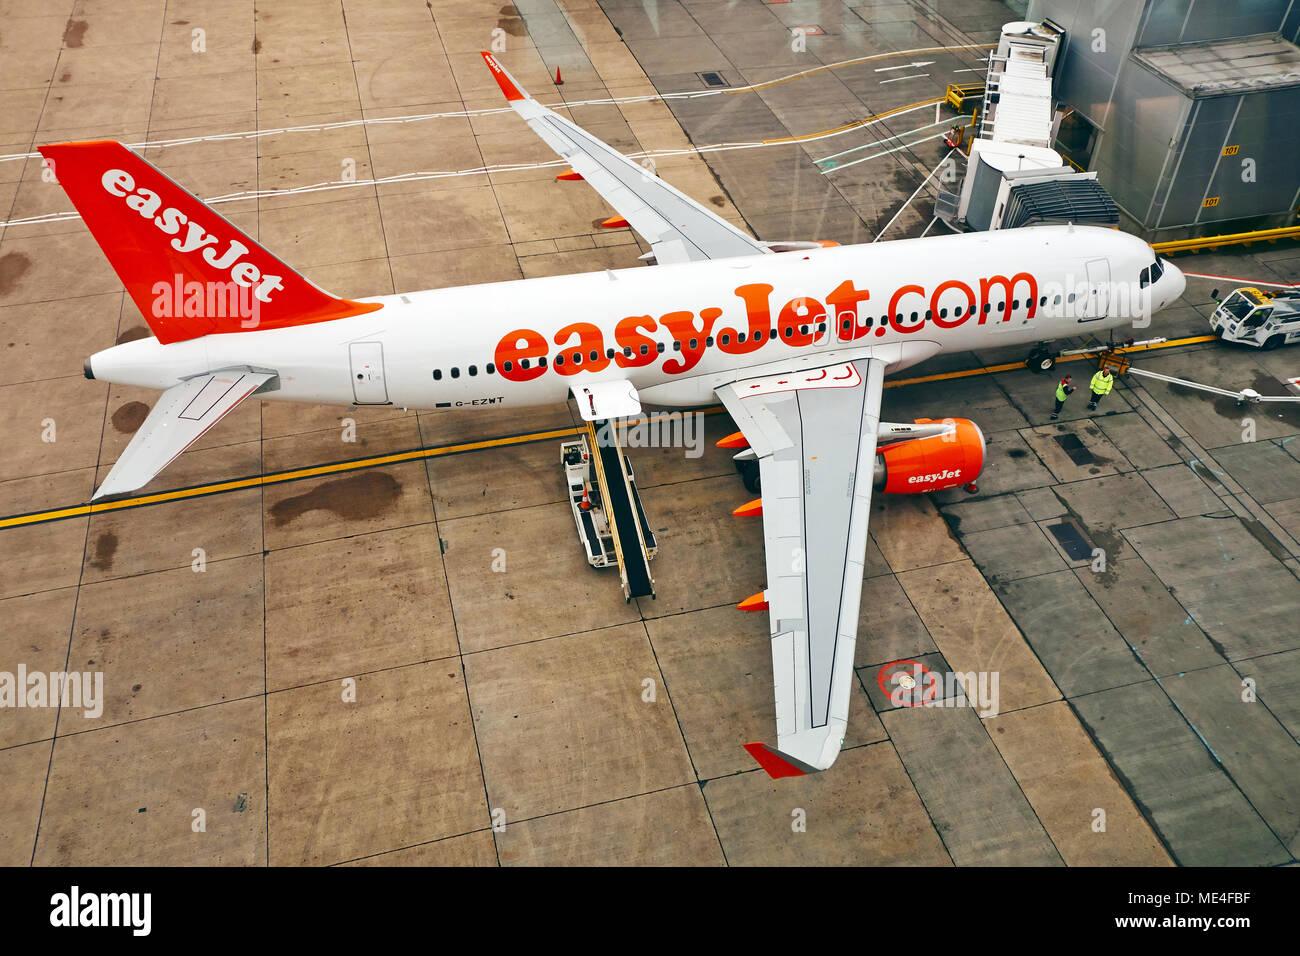 Un avión de pasajeros que Easy jet acoplado a un aeropuerto stand. Foto de stock